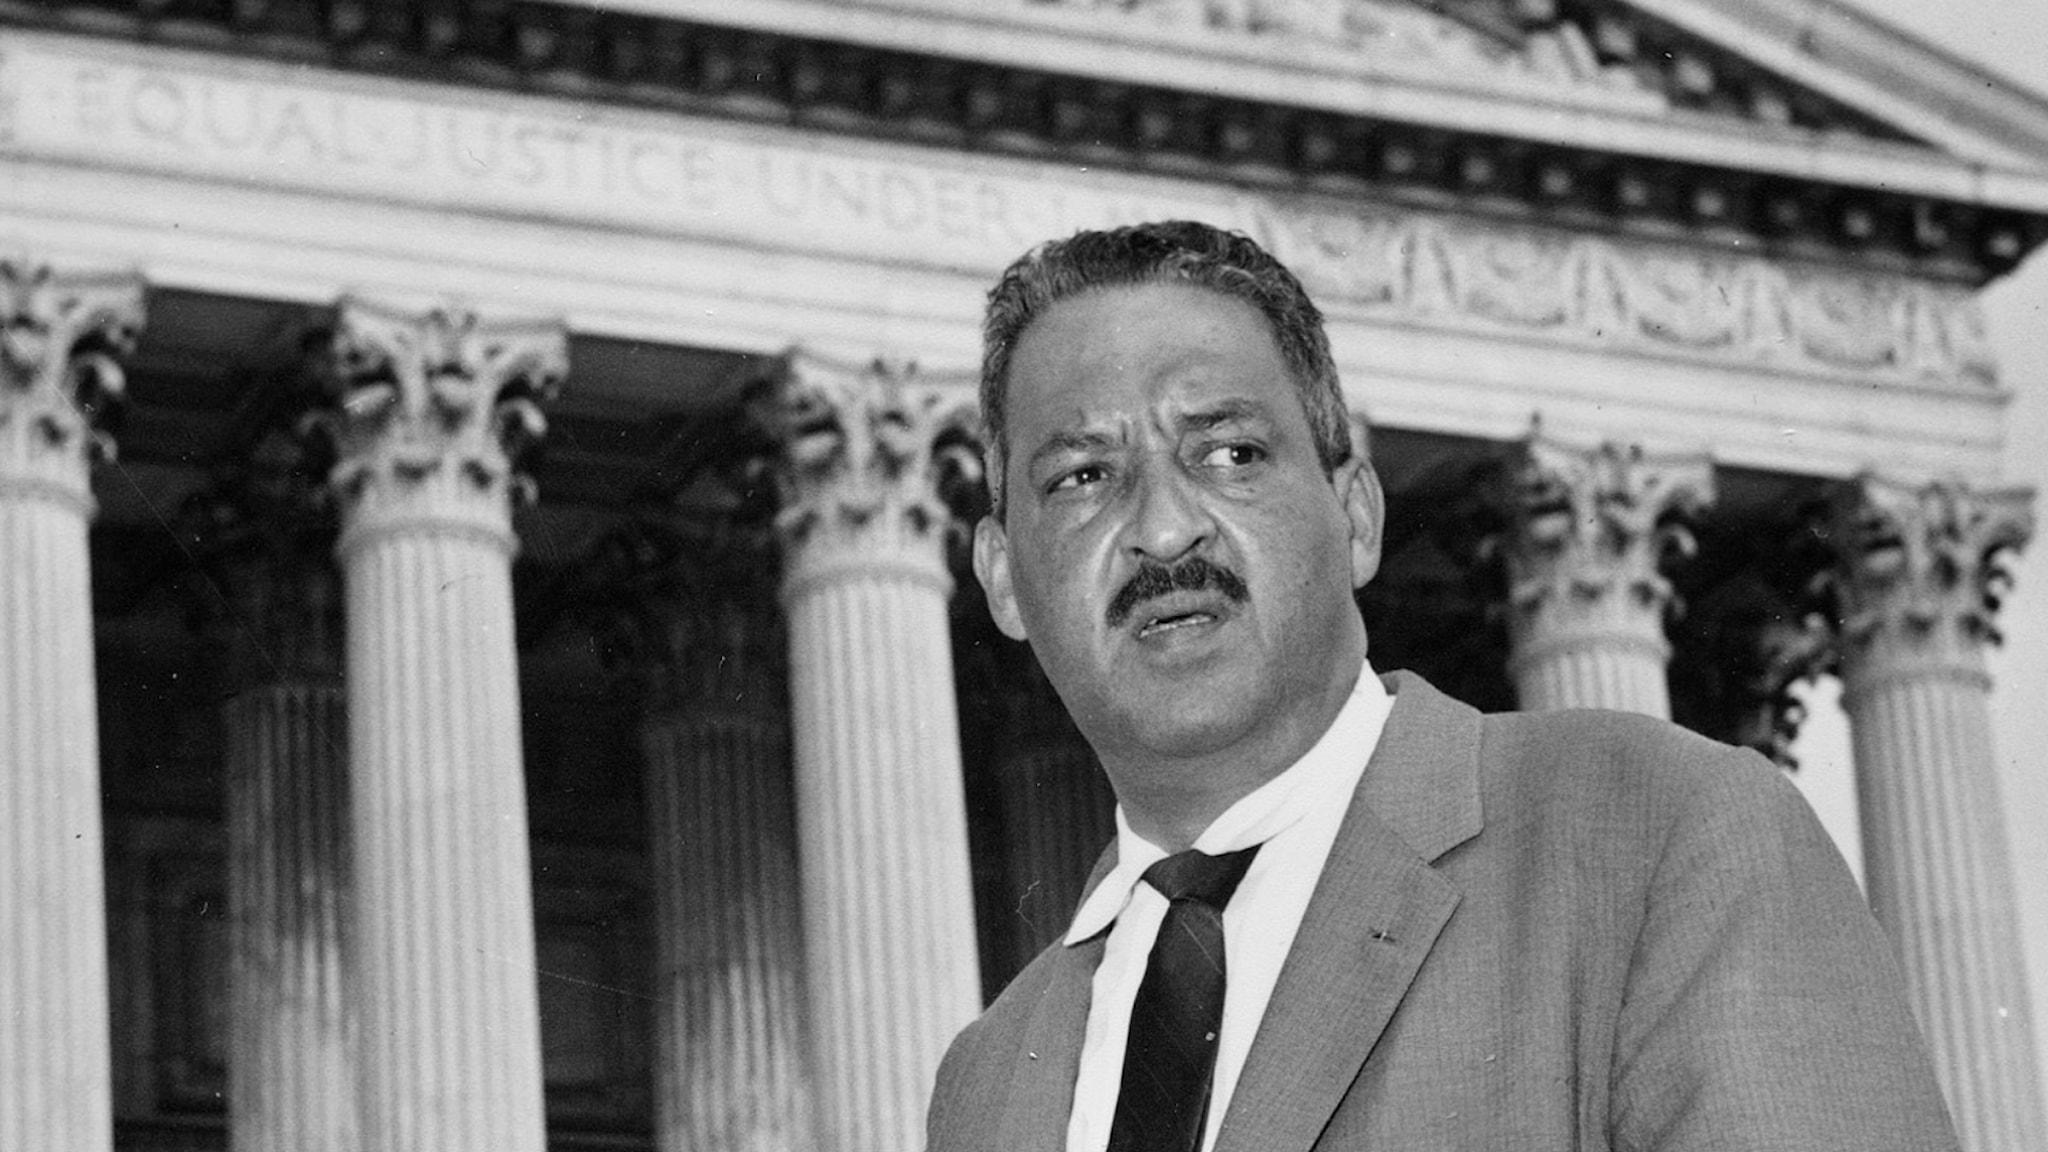 Den verkliga Thurgood Marshall utanför Supreme Court